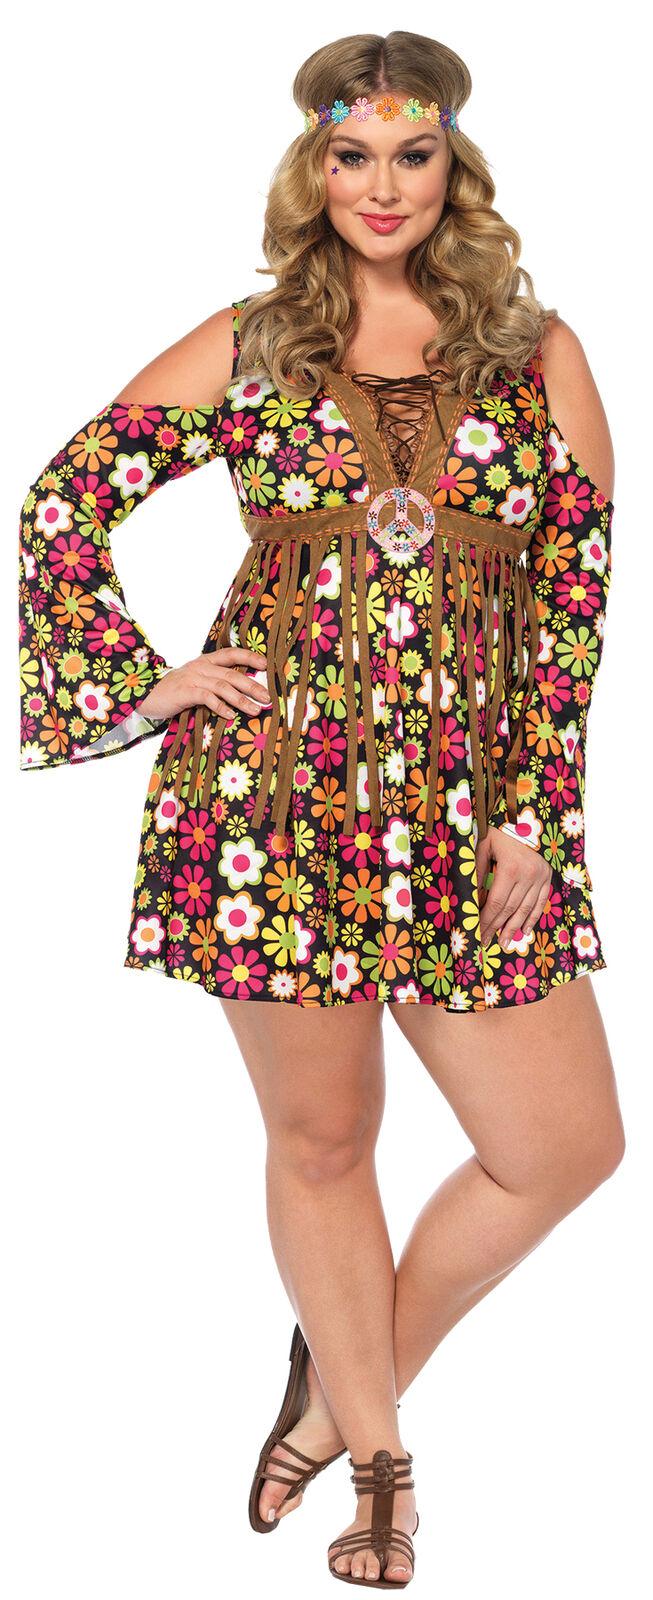 Hippie Starflower Adult Women's Costume Multi Color Fancy Dress Leg Avenue